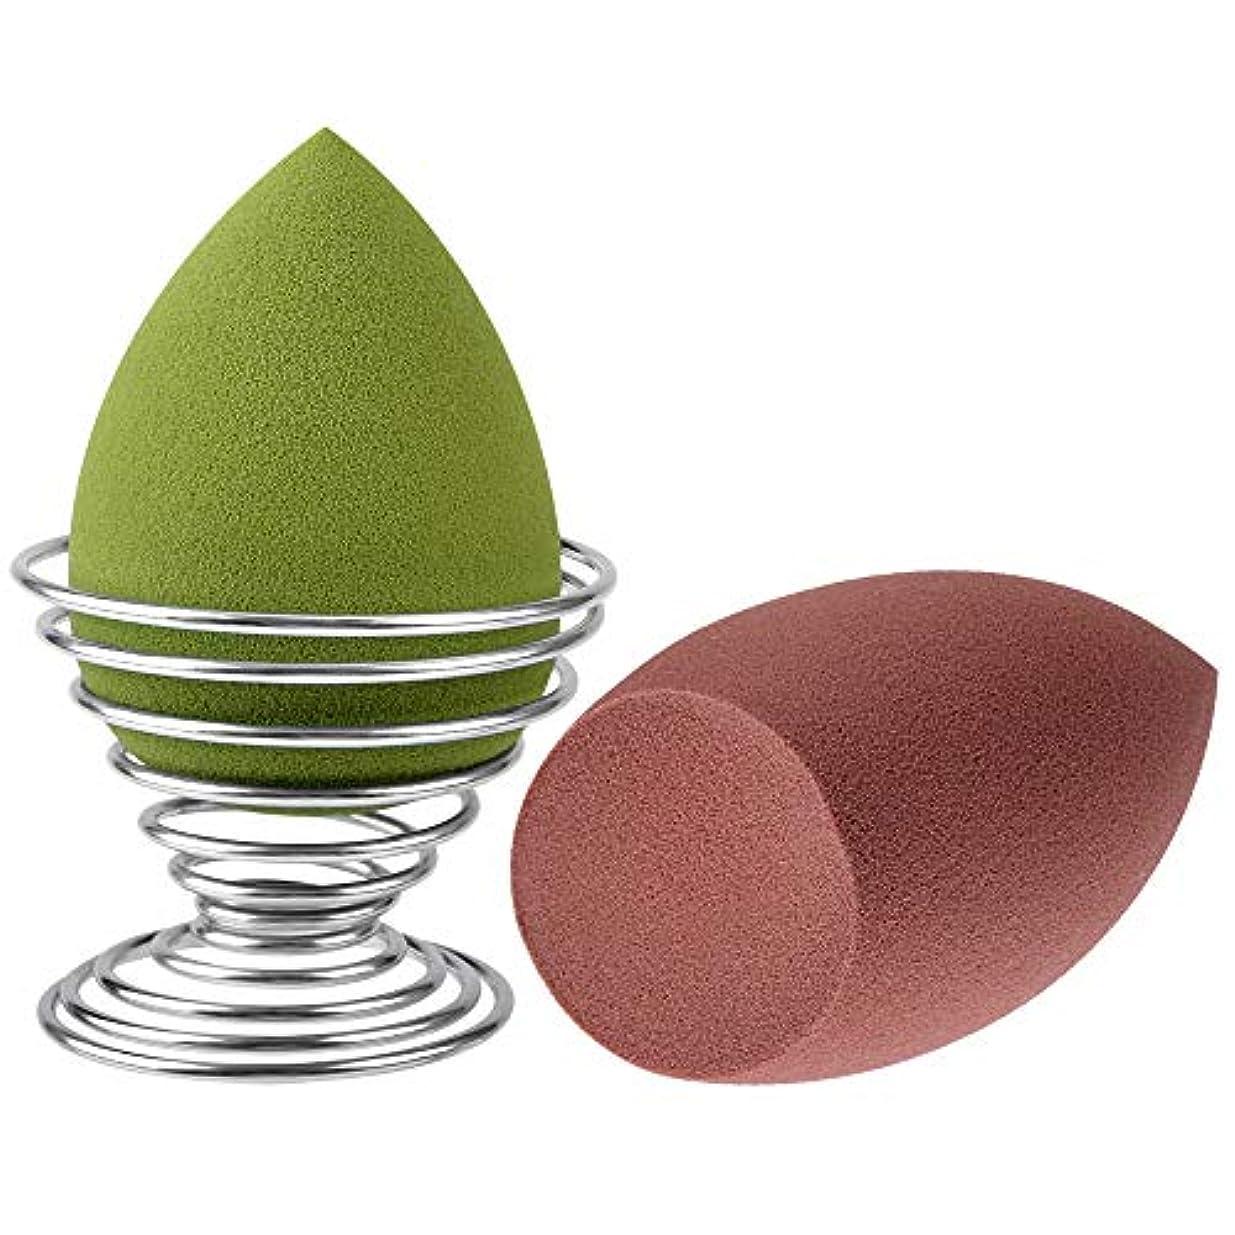 プレゼン可動式持続するメイクスポンジパフ Ninonly 化粧スポンジ ファンデーションパフ 人気の贈り物 乾湿兼用 しずく型 収納ホルダー付き